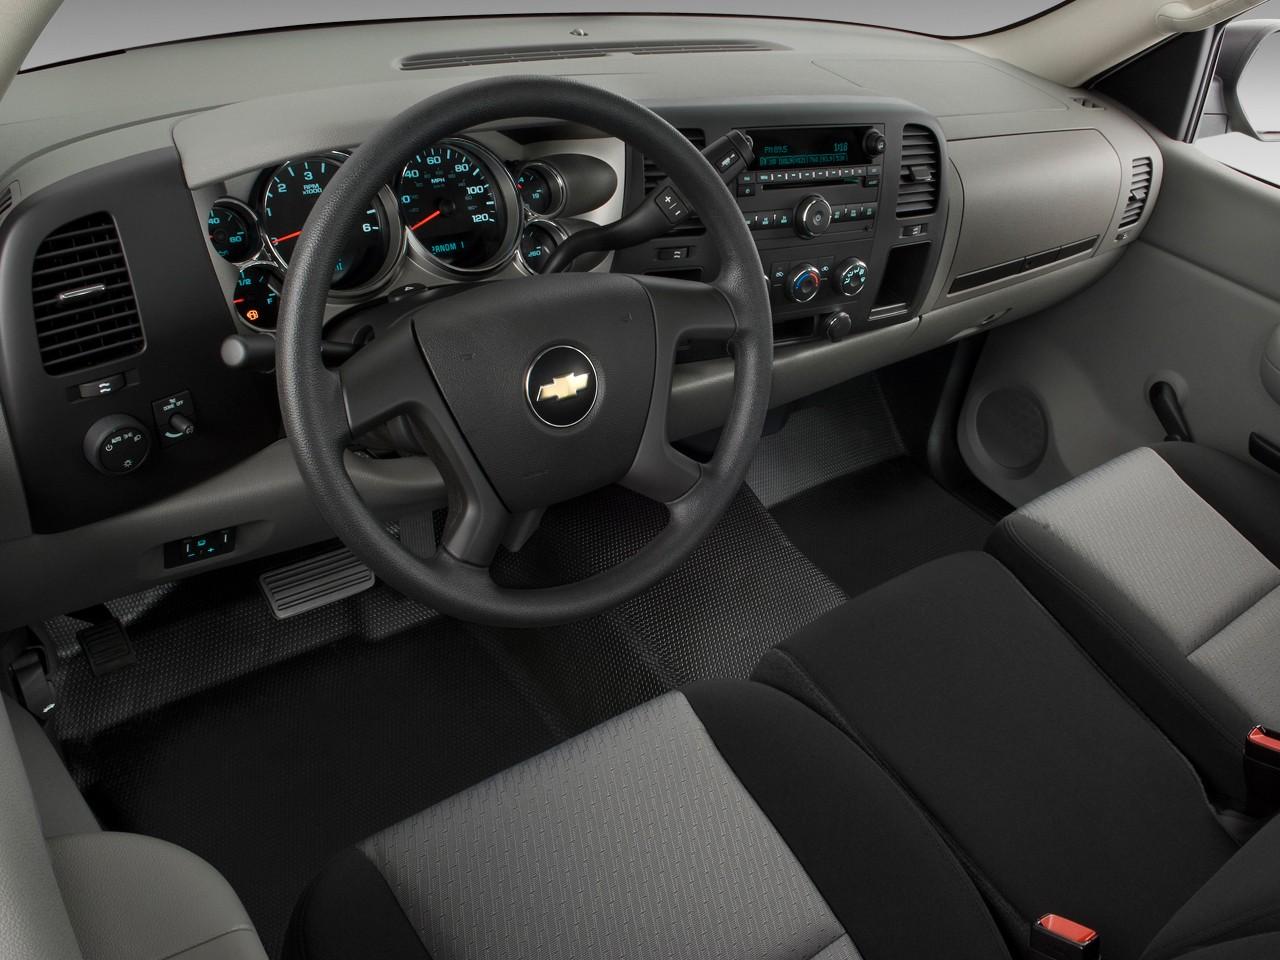 2009 Chevy Silverado Single Cab